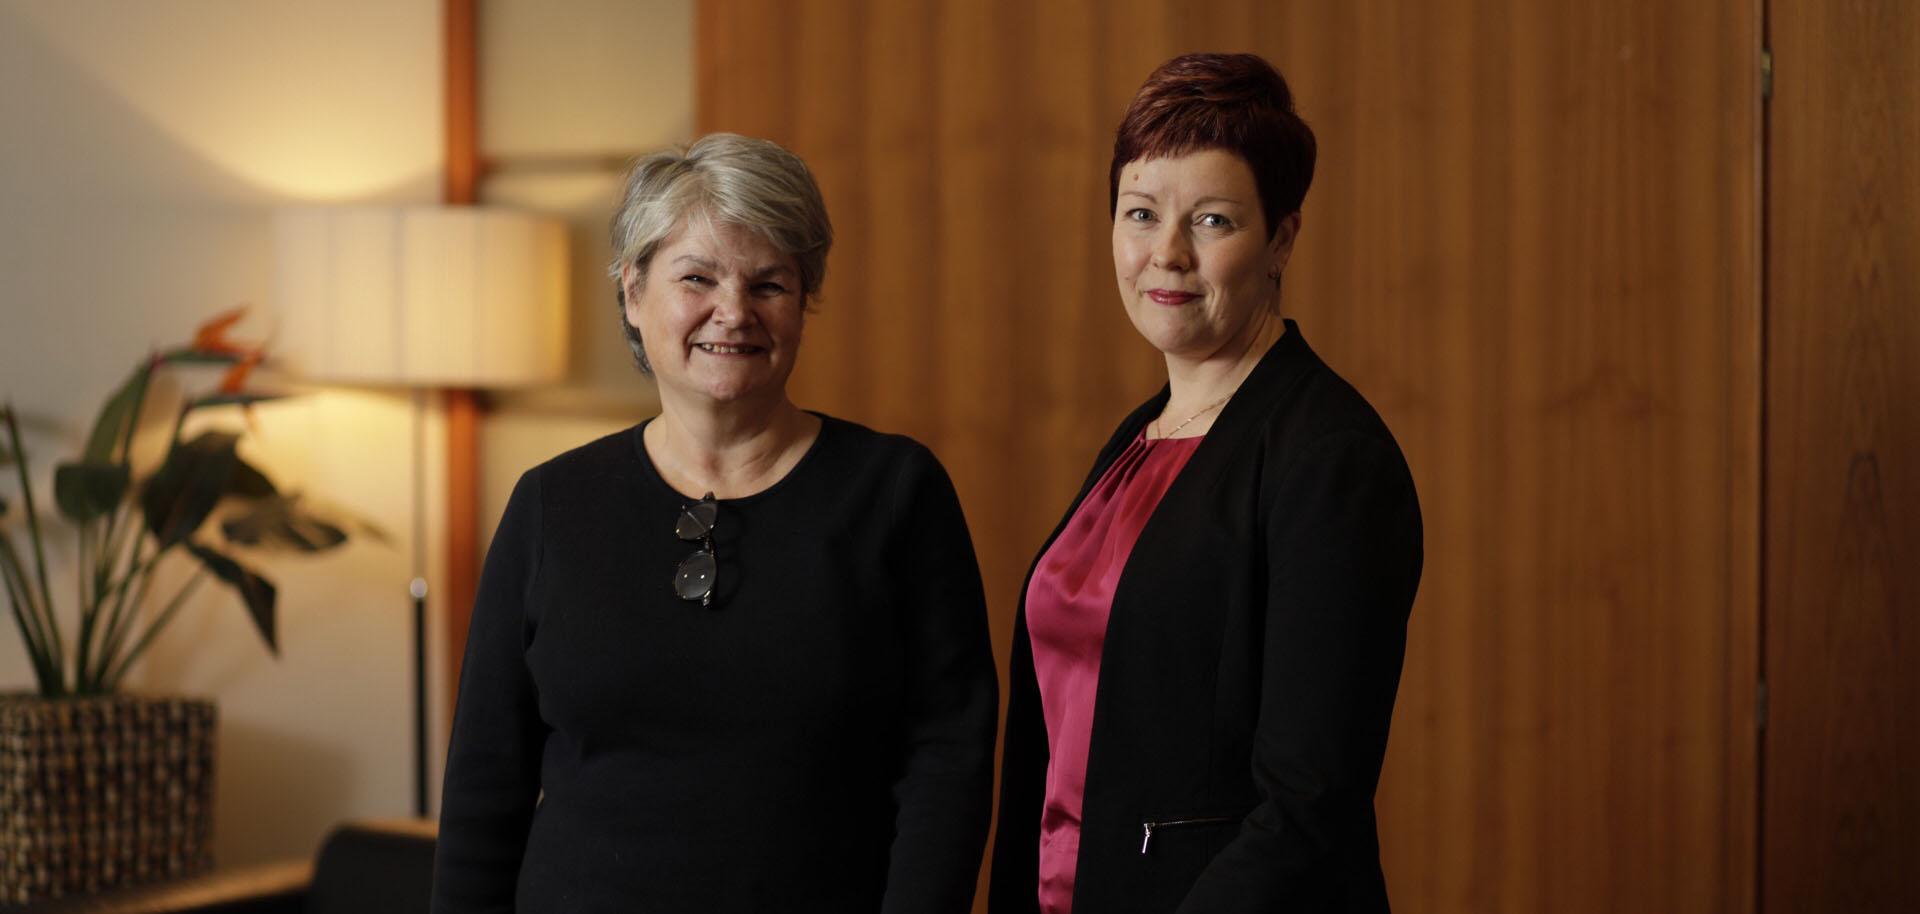 Syöpäsäätiö palkitsi vuoden 2018 syöpälääkärin ja –sairaanhoitajan